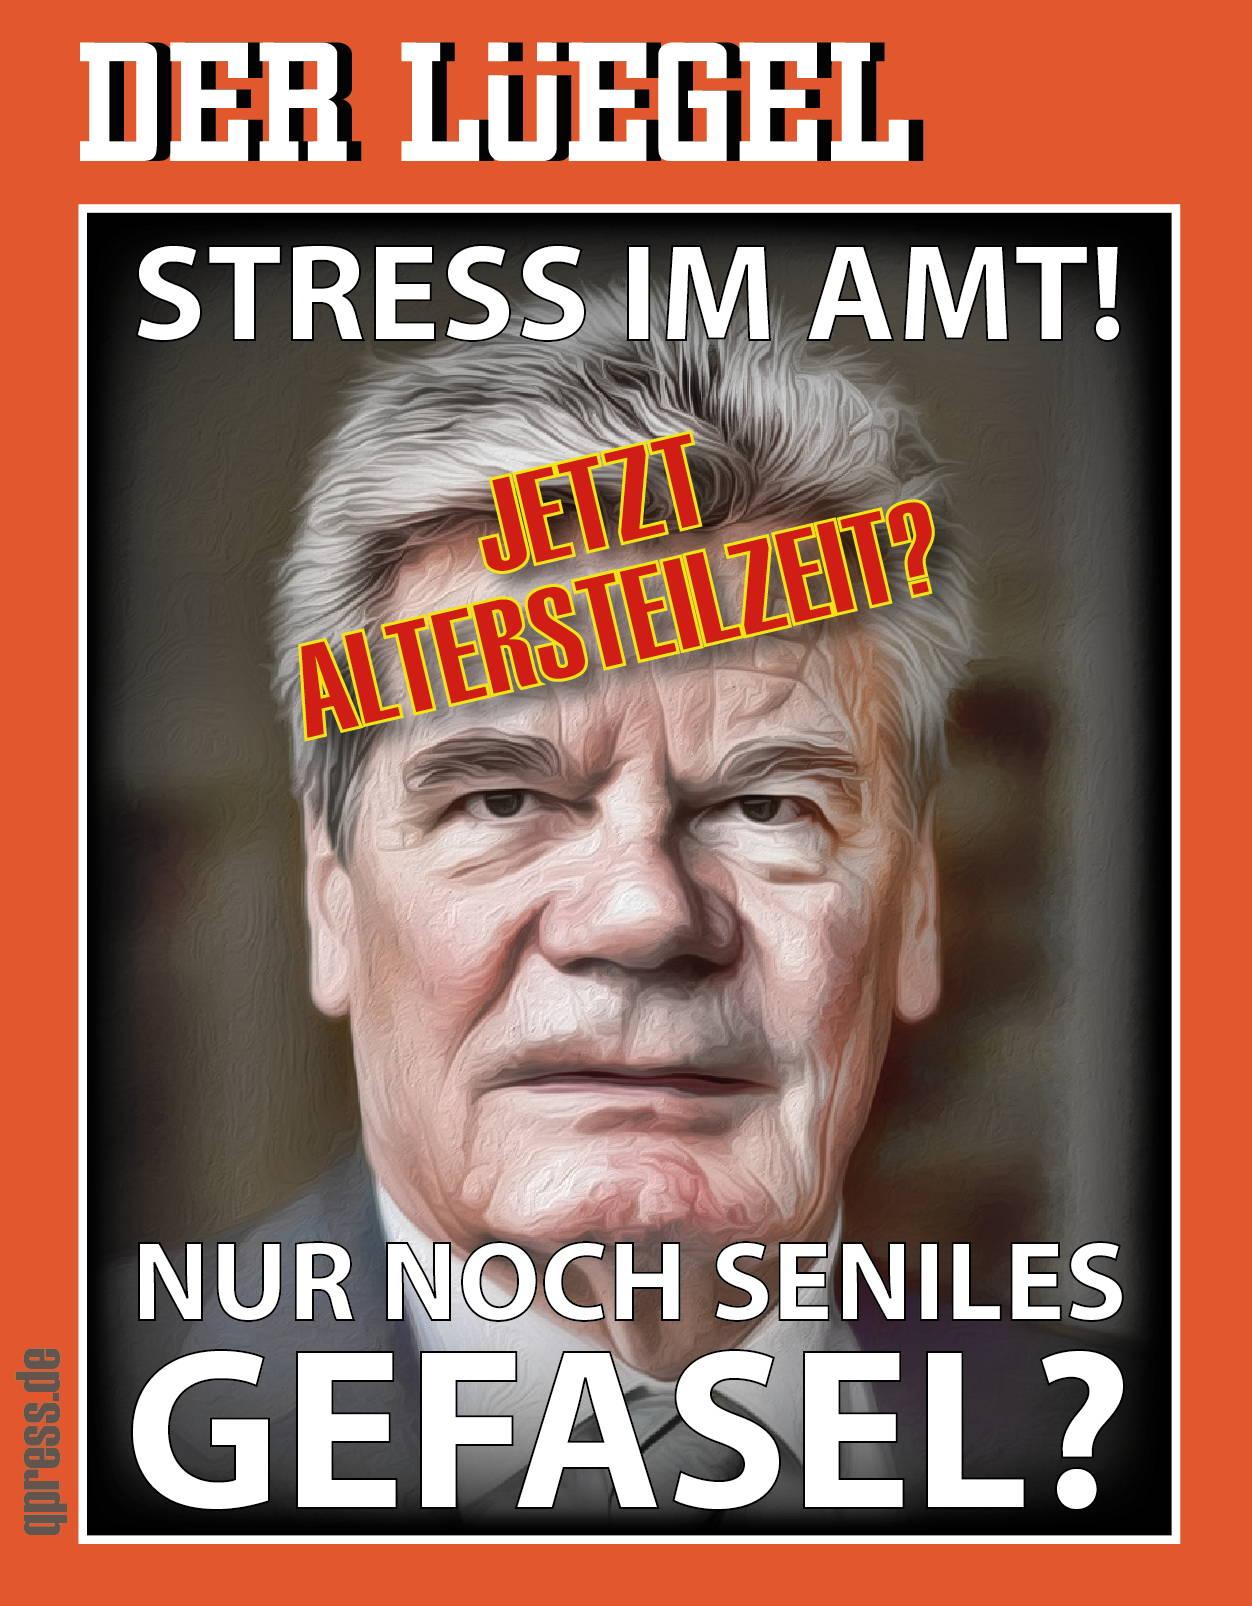 Gauck erledigt Präsidentenjob künftig in Altersteilzeit Der_luegel_ausgabe_joachim_gauck_spezial_Amtsmuedigkeit_Arbeitsueberlastung_qpress